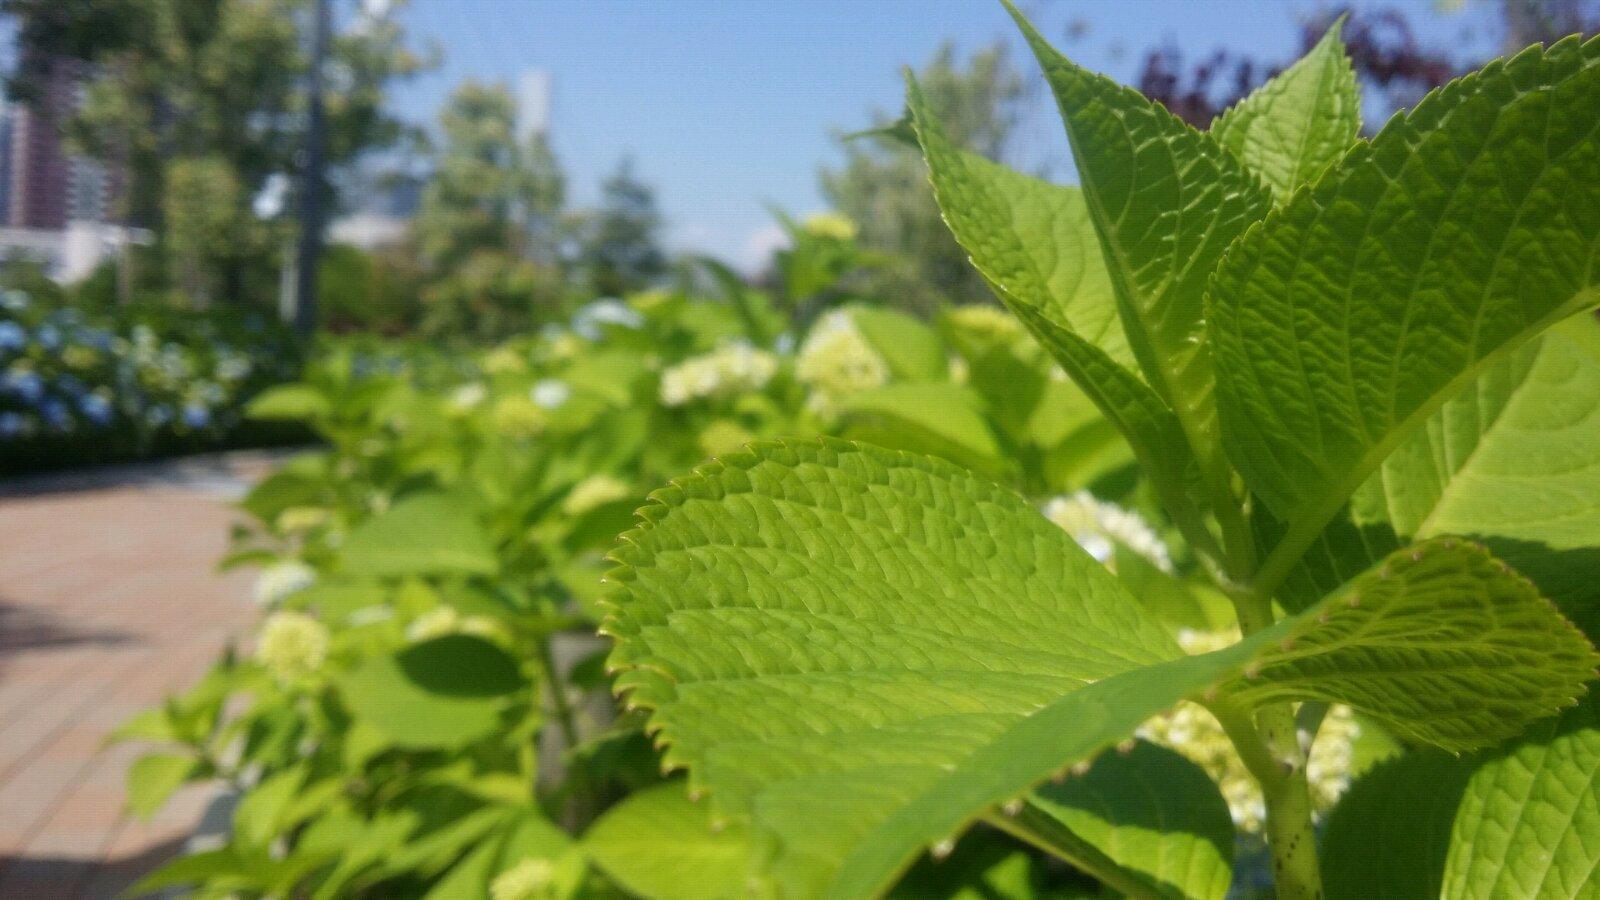 背景 壁纸 绿色 绿叶 树叶 植物 桌面 1600_900